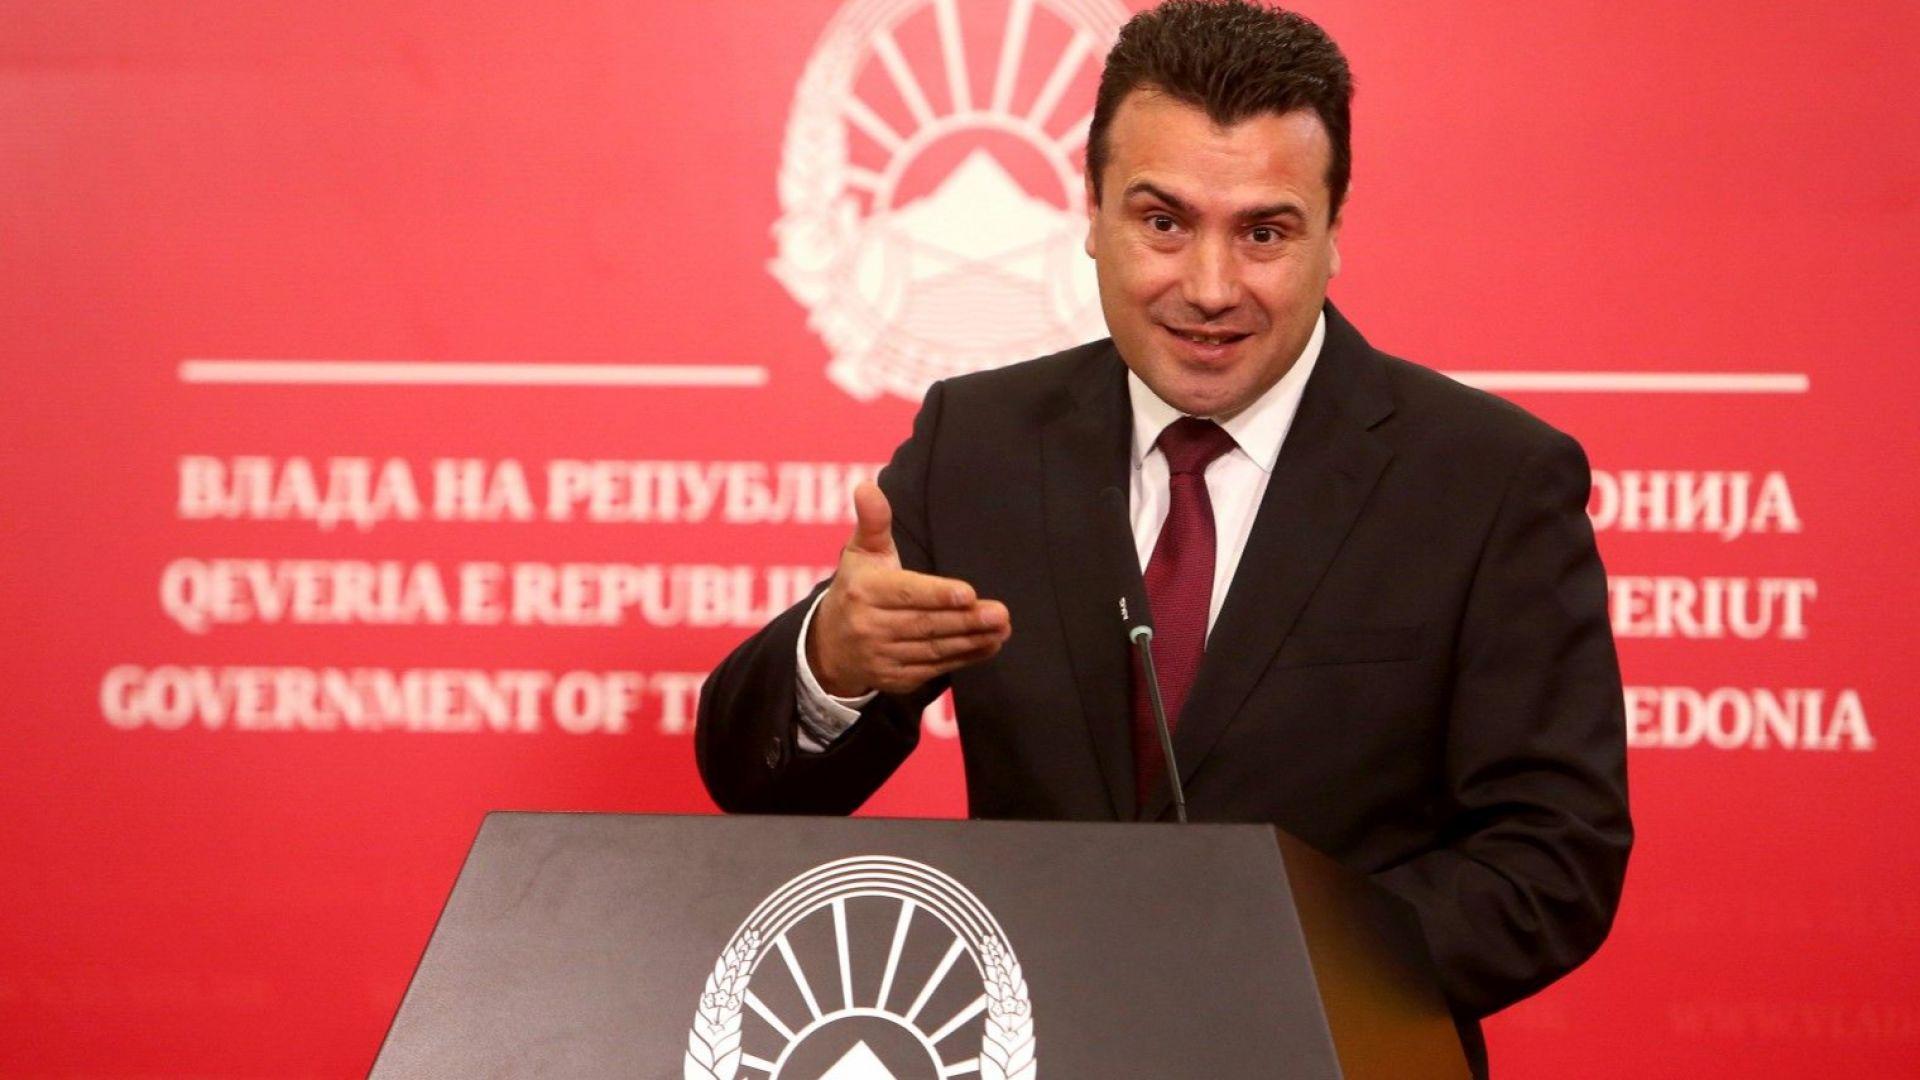 """Зоран Заев: Българската страна е """"направила всичко"""", сега македонската страна трябва да направи компромис"""